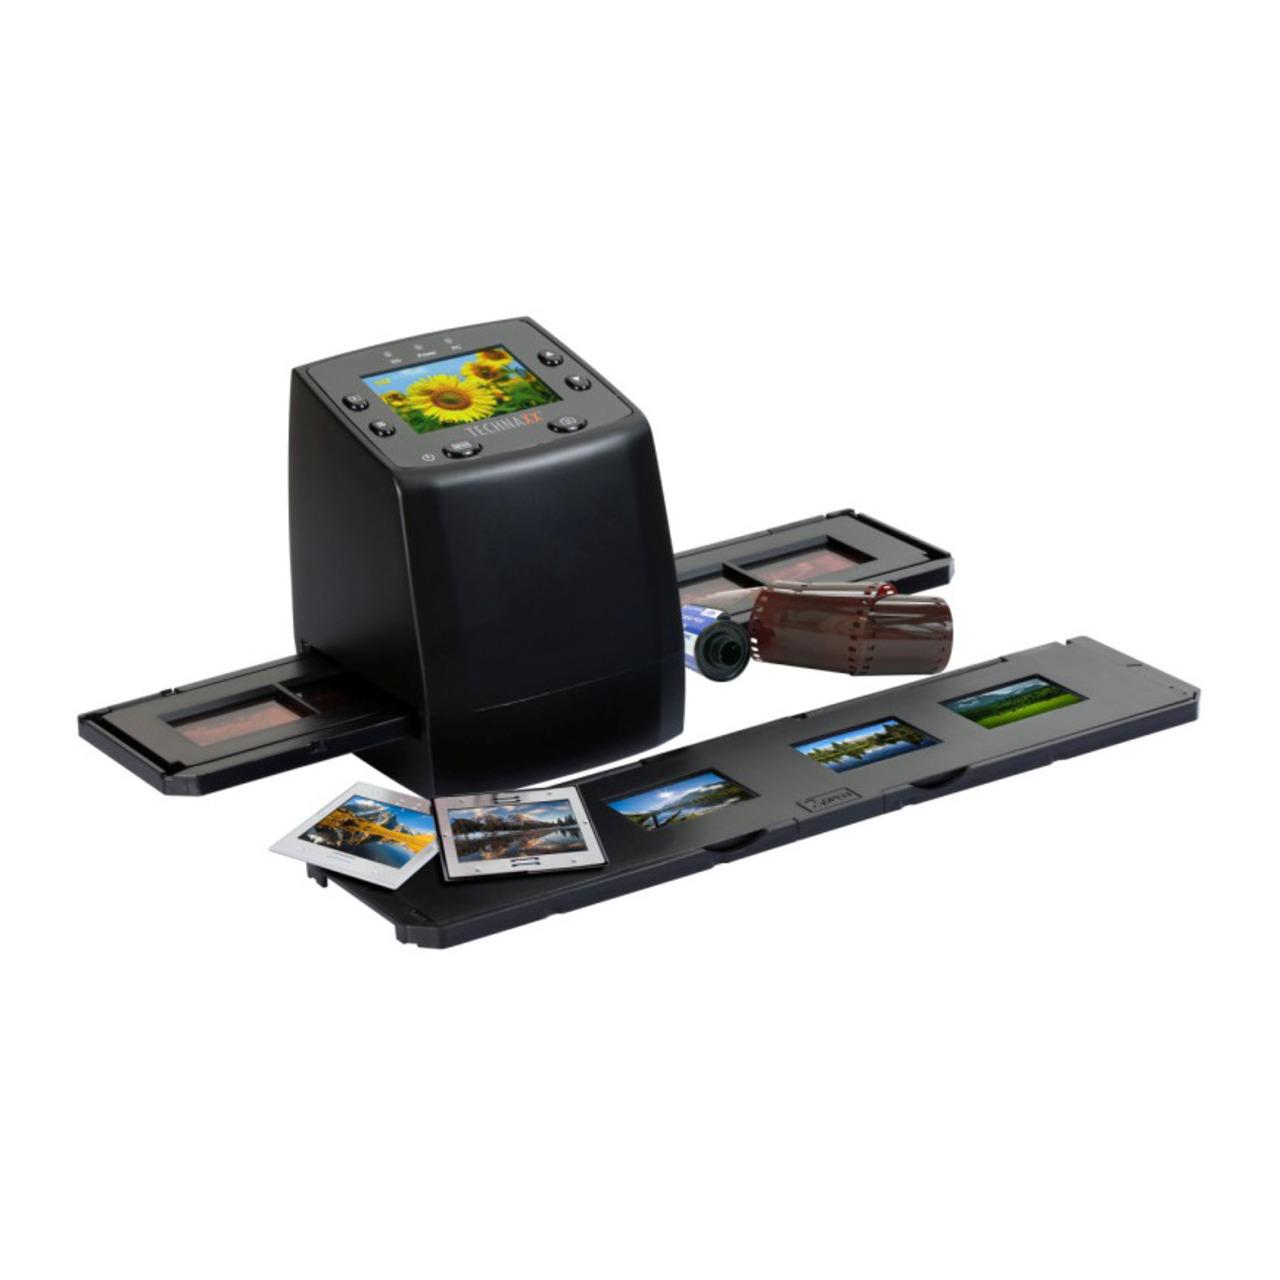 Technaxx Dia-Negativscanner DigiScan DS-02- Scan auf SD-SDHC-Karten